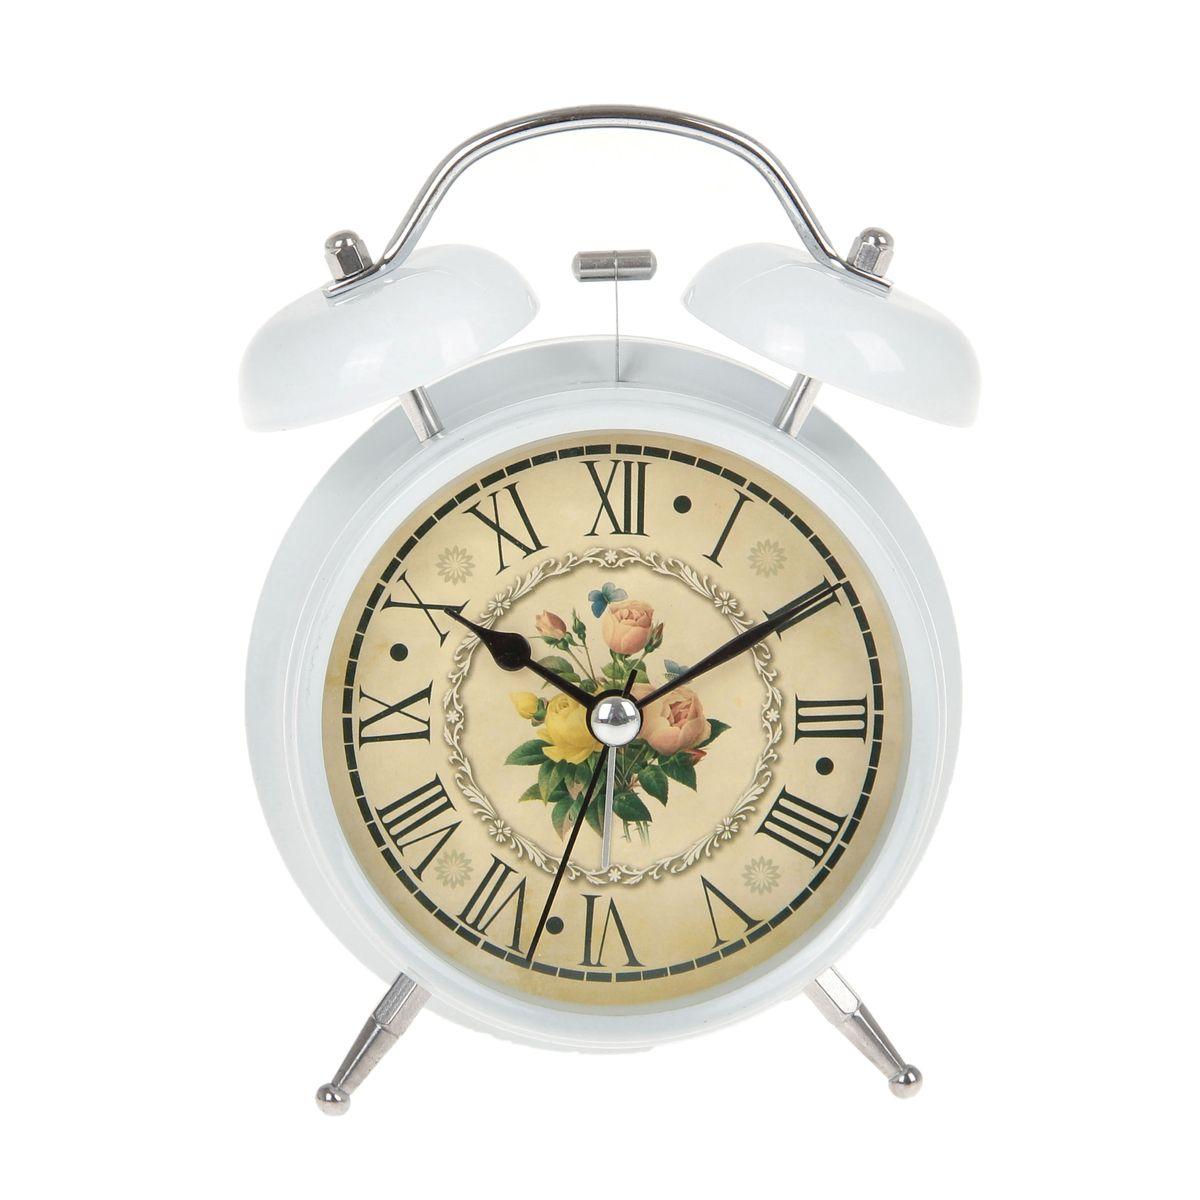 Часы-будильник Sima-land Цветы. 720837MRC 4141 P schwarzКак же сложно иногда вставать вовремя! Всегда так хочется поспать еще хотя бы 5 минут и бывает, что мы просыпаем. Теперь этого не случится! Яркий, оригинальный будильник Sima-land Цветы поможет вам всегда вставать в нужное время и успевать везде и всюду.Корпус будильника выполнен из металла. Циферблат оформлен изображением цветов. Часы снабжены 4 стрелками (секундная, минутная, часовая и для будильника). На задней панели будильника расположен переключатель включения/выключения механизма, а также два колесика для настройки текущего времени и времени звонка будильника. Изделие снабжено подсветкой, которая включается нажатием на кнопку с задней стороны корпуса.Пользоваться будильником очень легко: нужно всего лишь поставить батарейку, настроить точное время и установить время звонка. Необходимо докупить 1 батарейку типа АА (не входит в комплект).